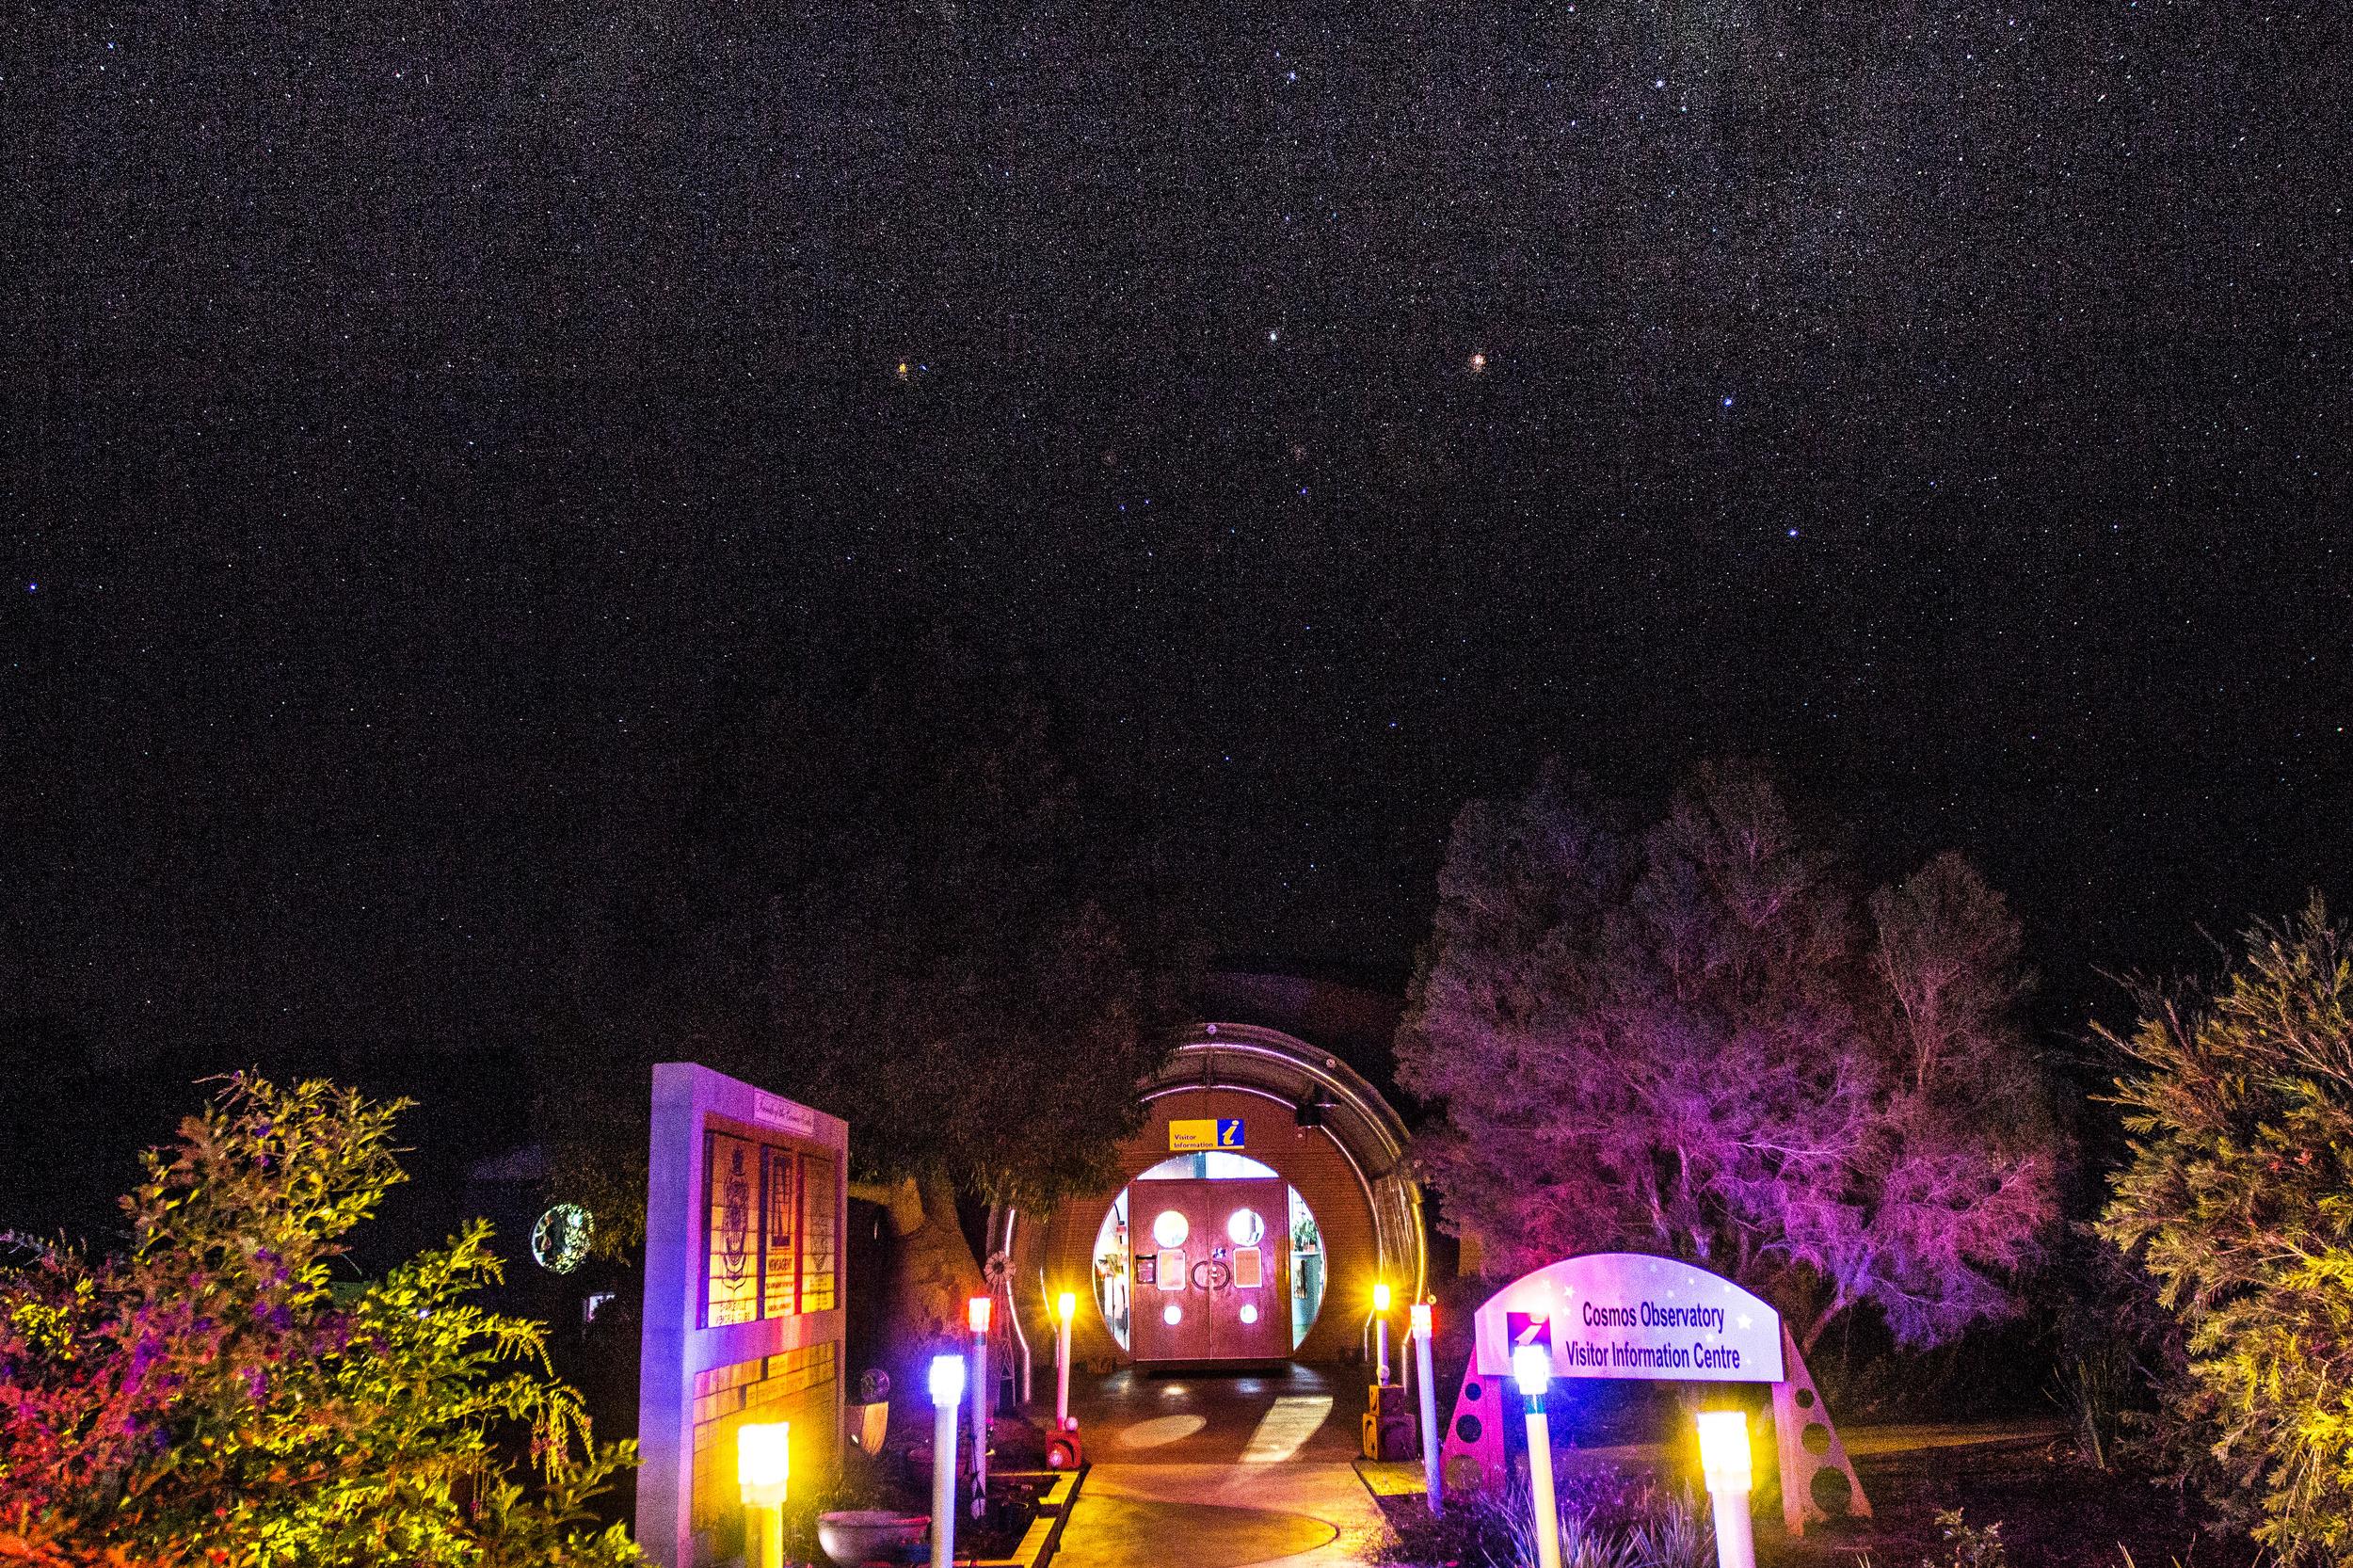 Charleville - Cosmos Centre at Night.jpg